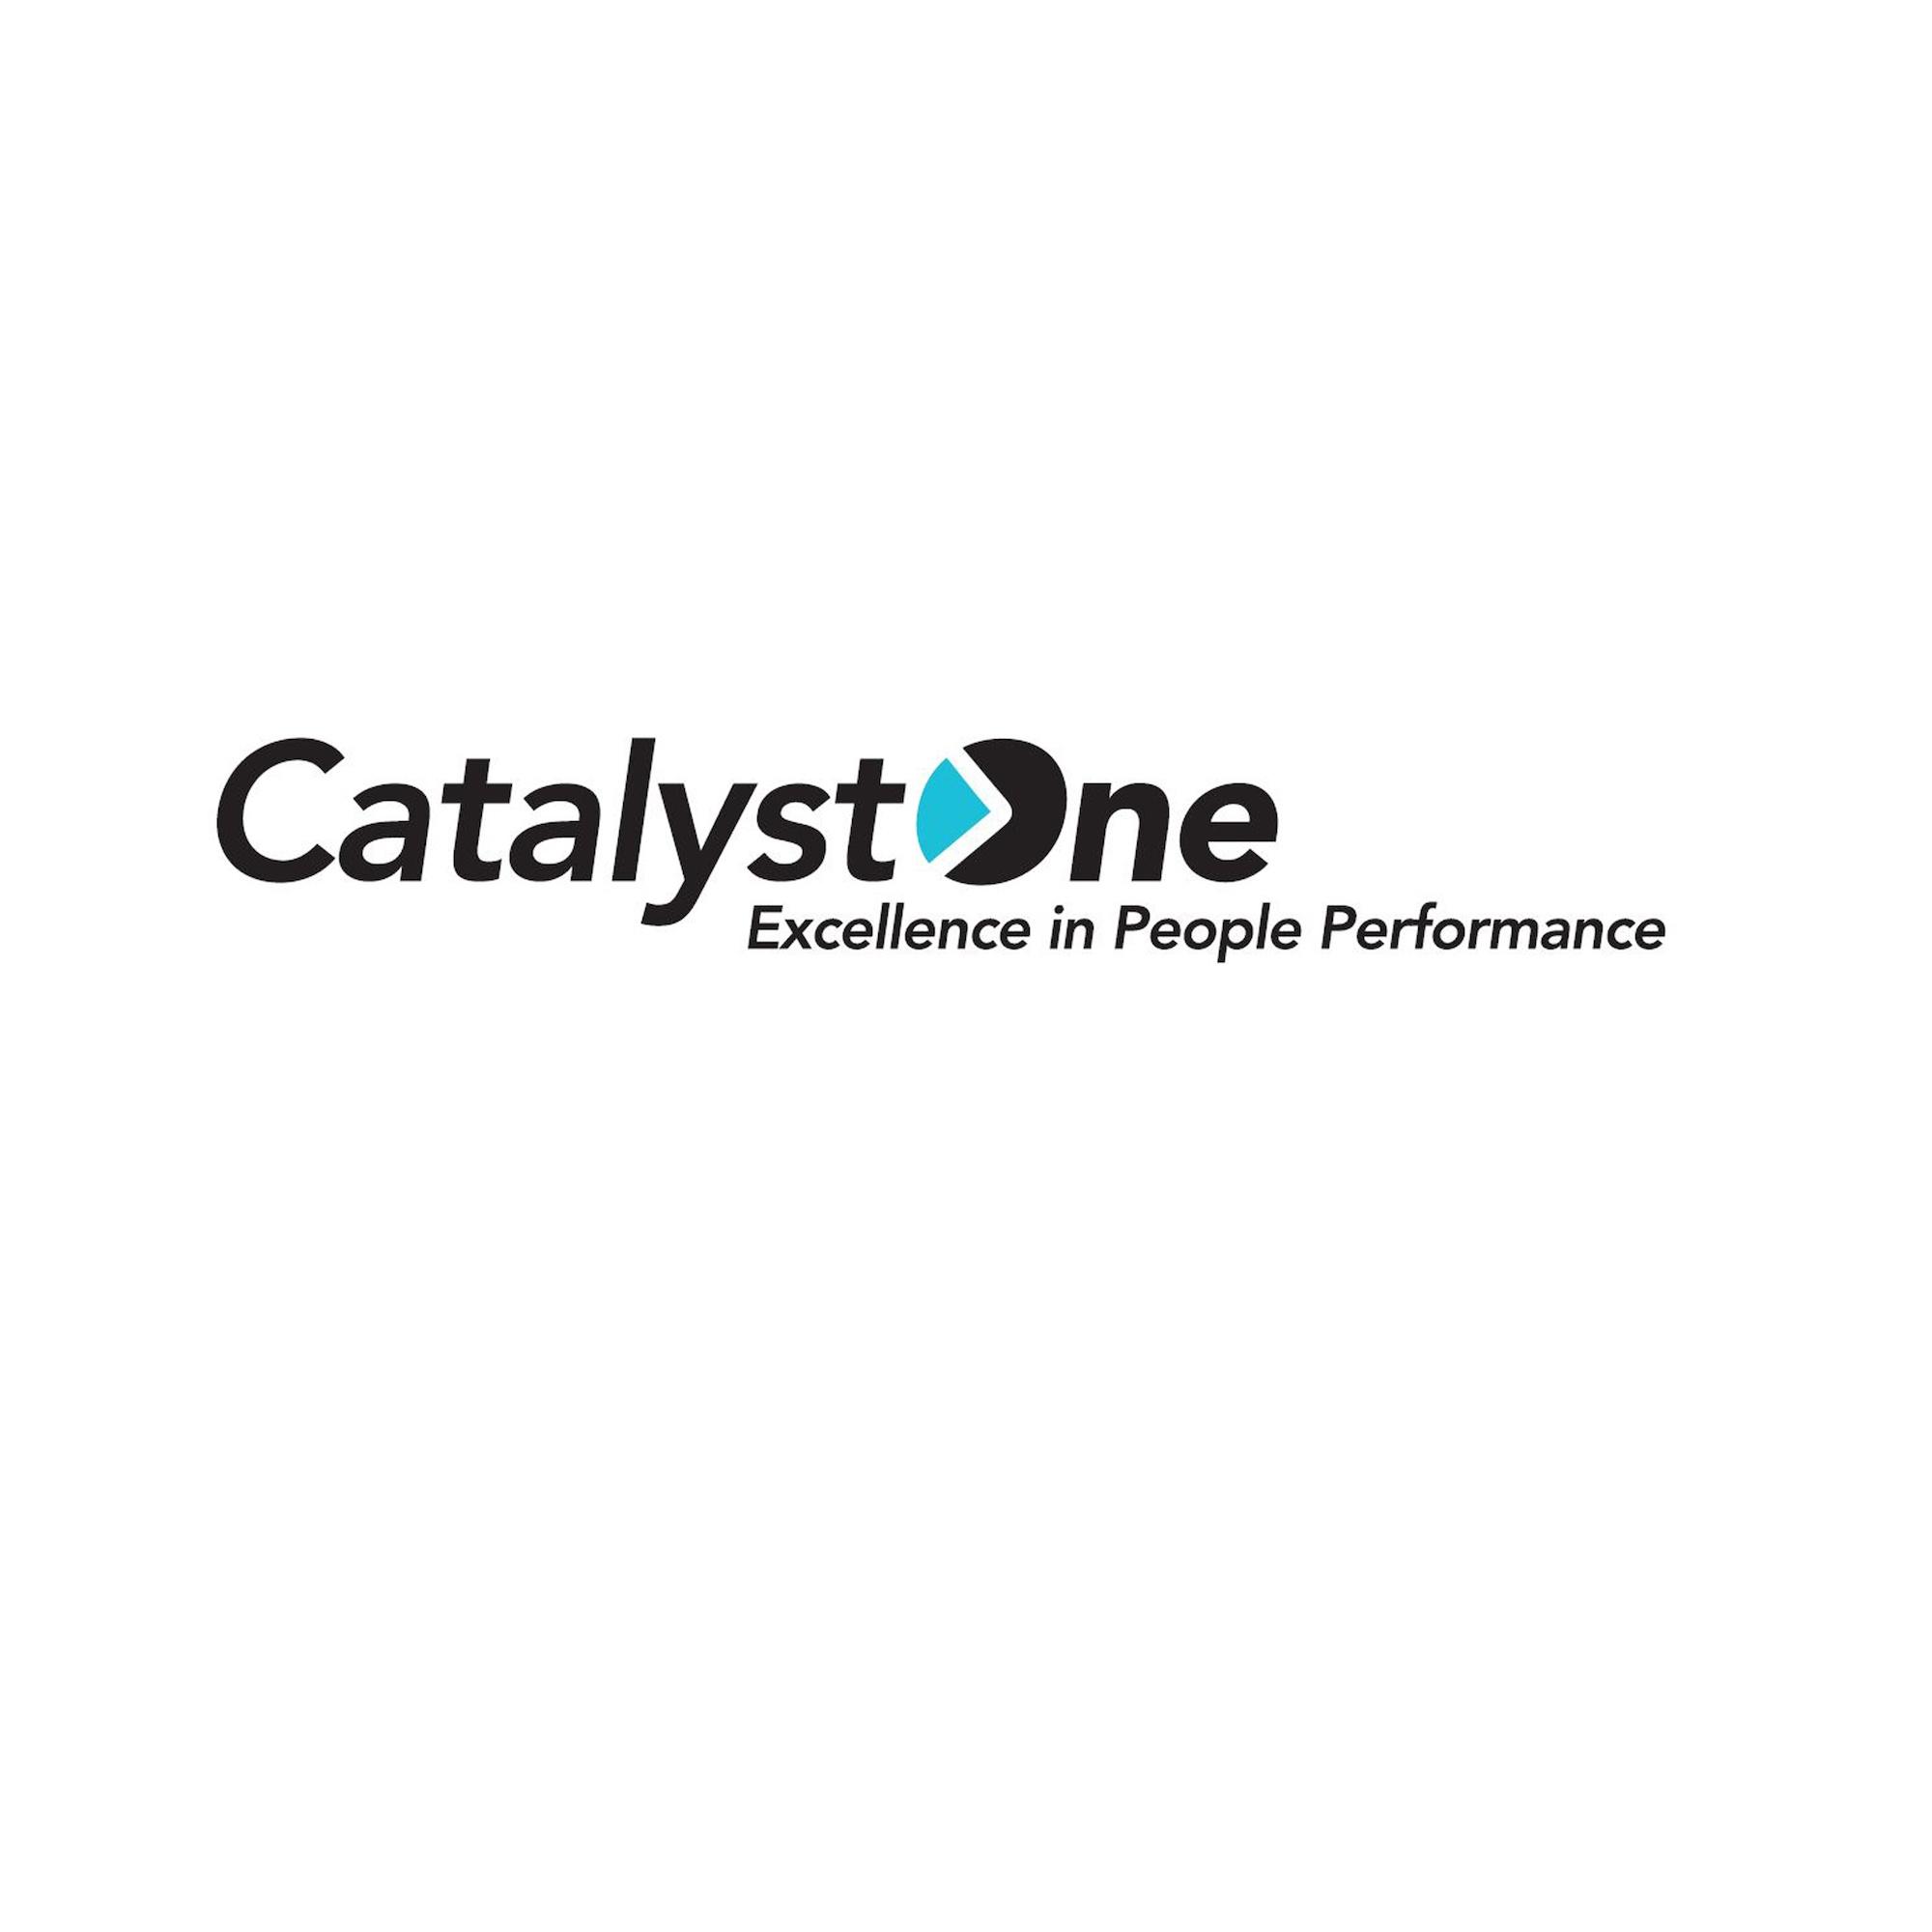 Catalyst one KLAR.jpg